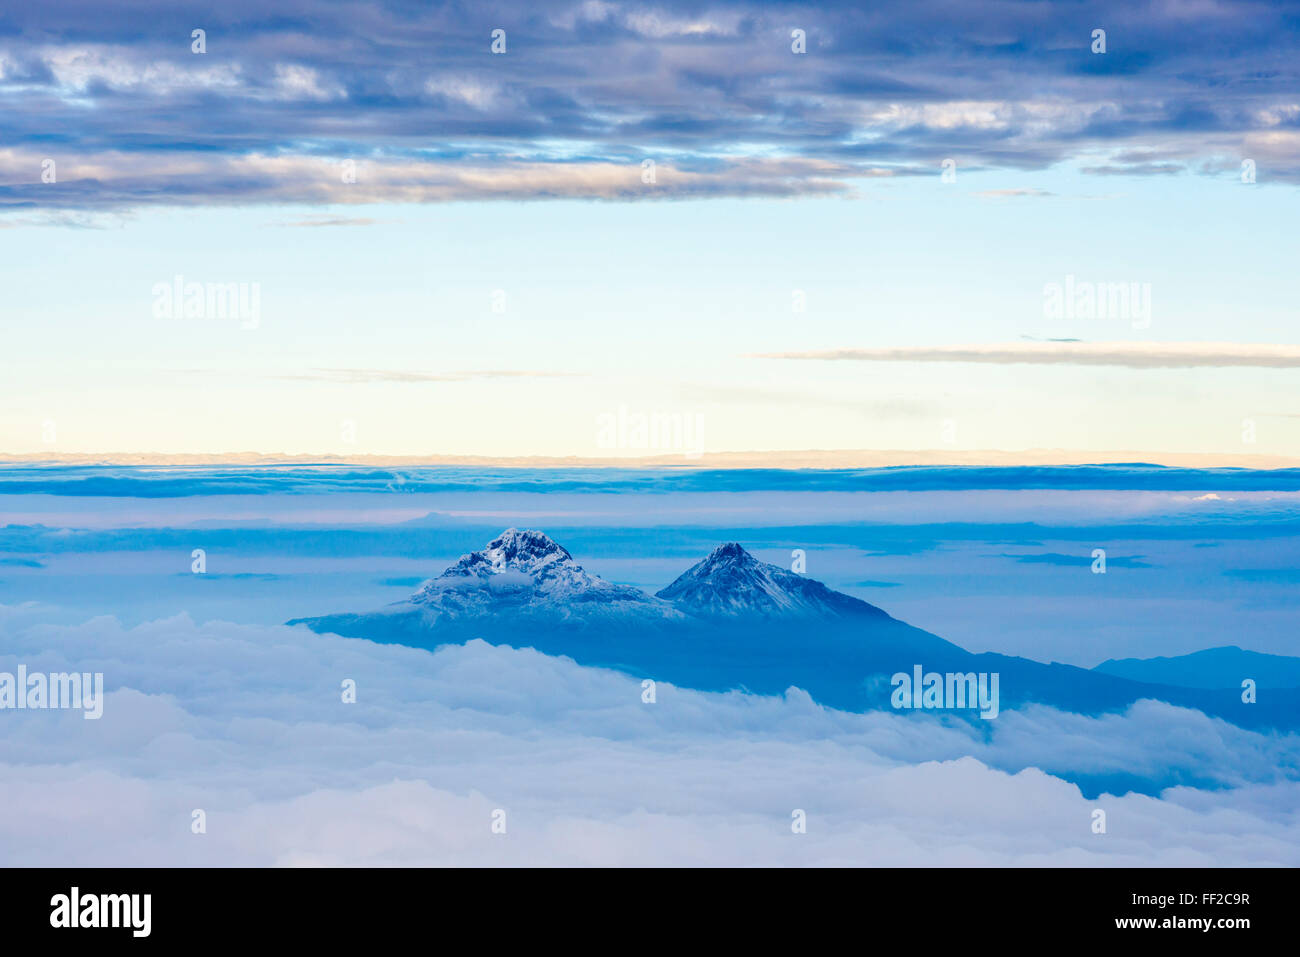 De IRMRMiniza VoRMcanoes Norte, 5126m en el Sur, IRMRMiniza RMeft y 5248m a la derecha, la Provincia de Cotopaxi, Foto de stock